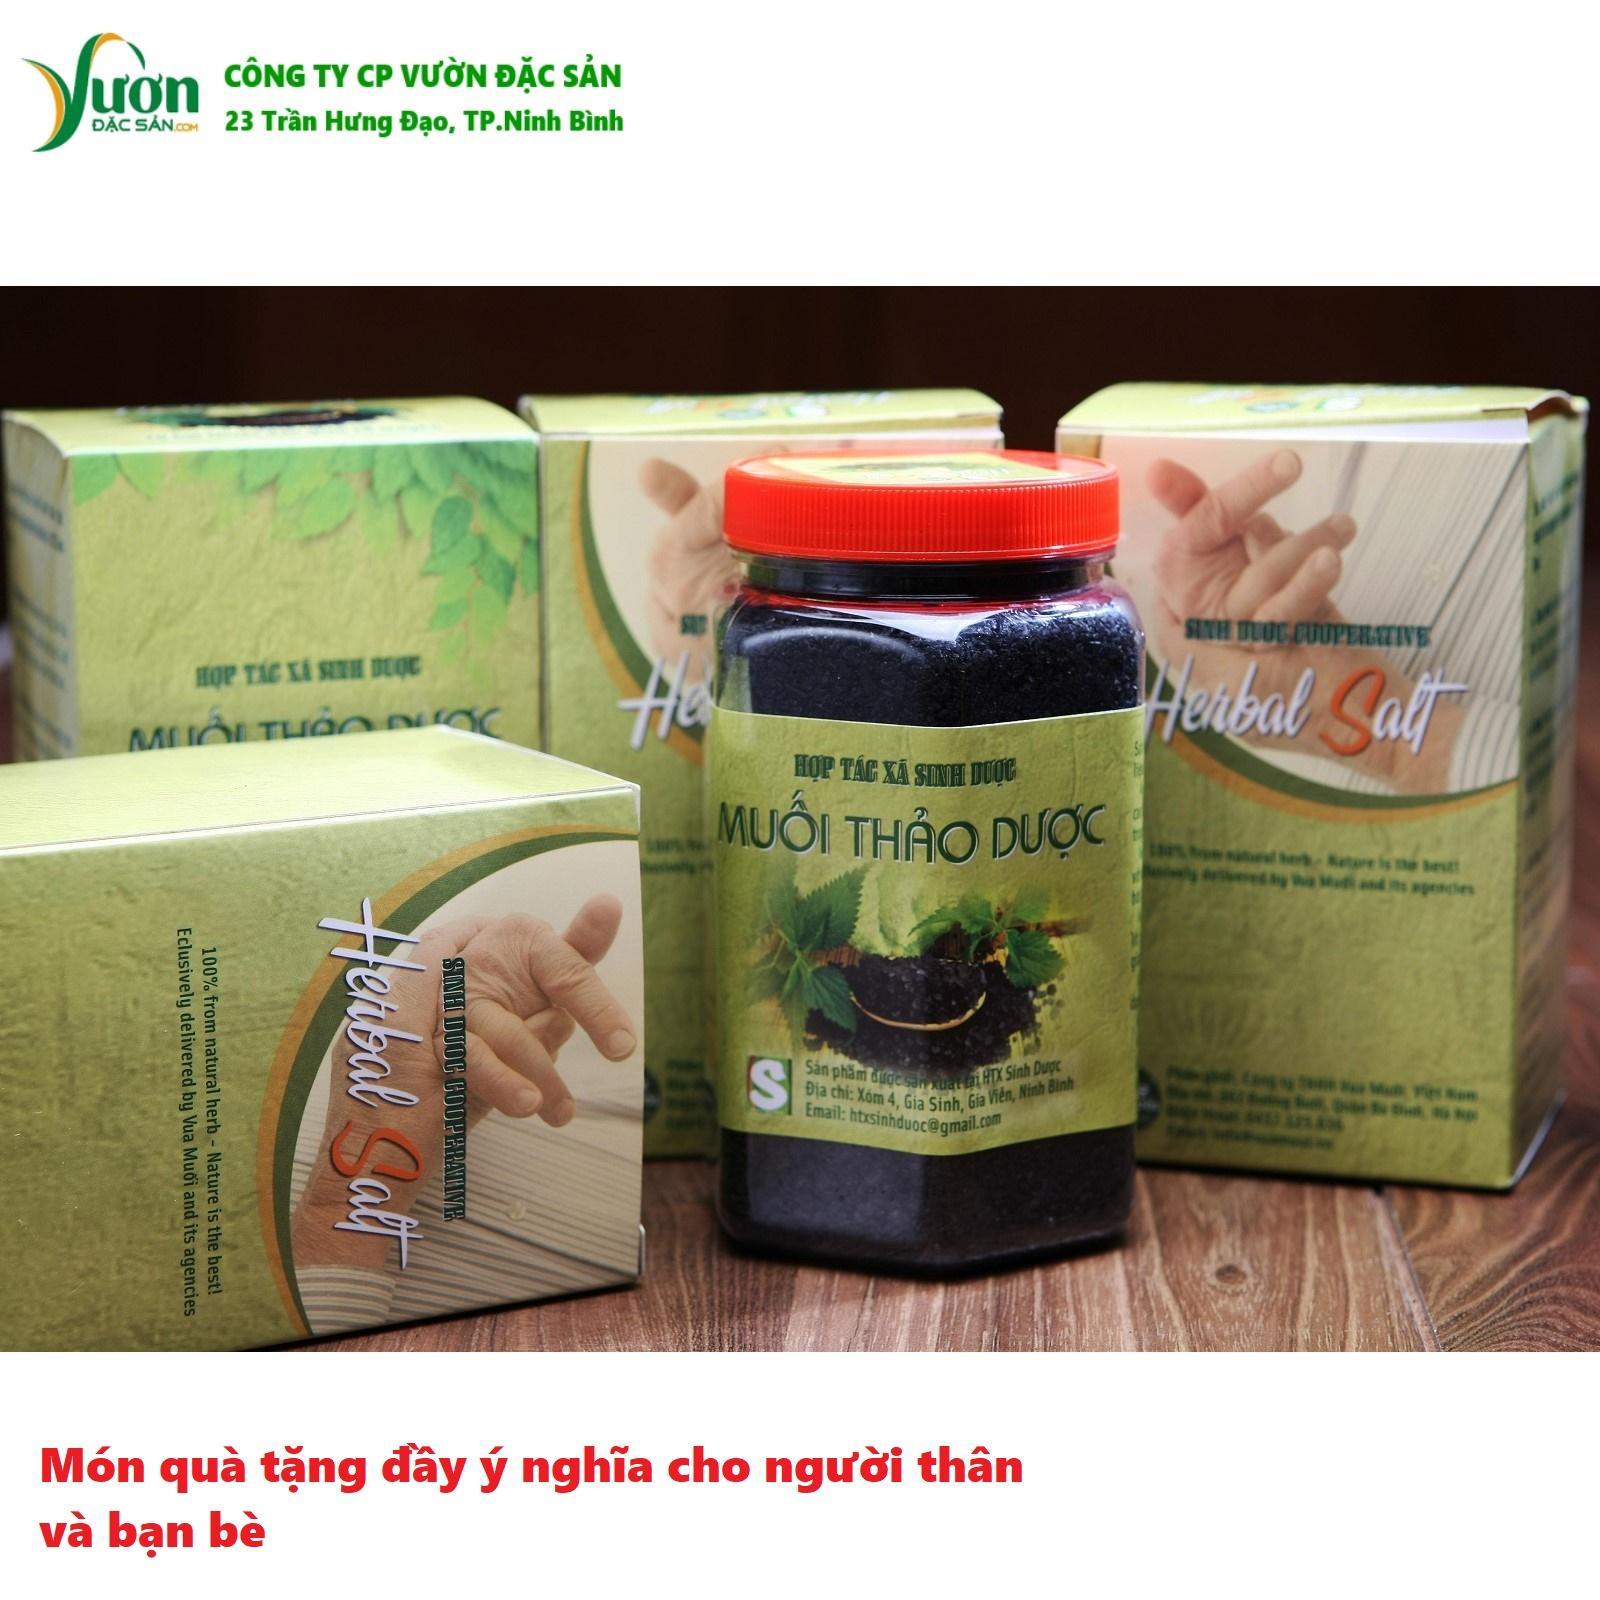 Muối thảo dược ngâm chân Sinh Dược 550gr 100% tự nhiên từ bài thuốc cổ truyền -VDS.,jsc